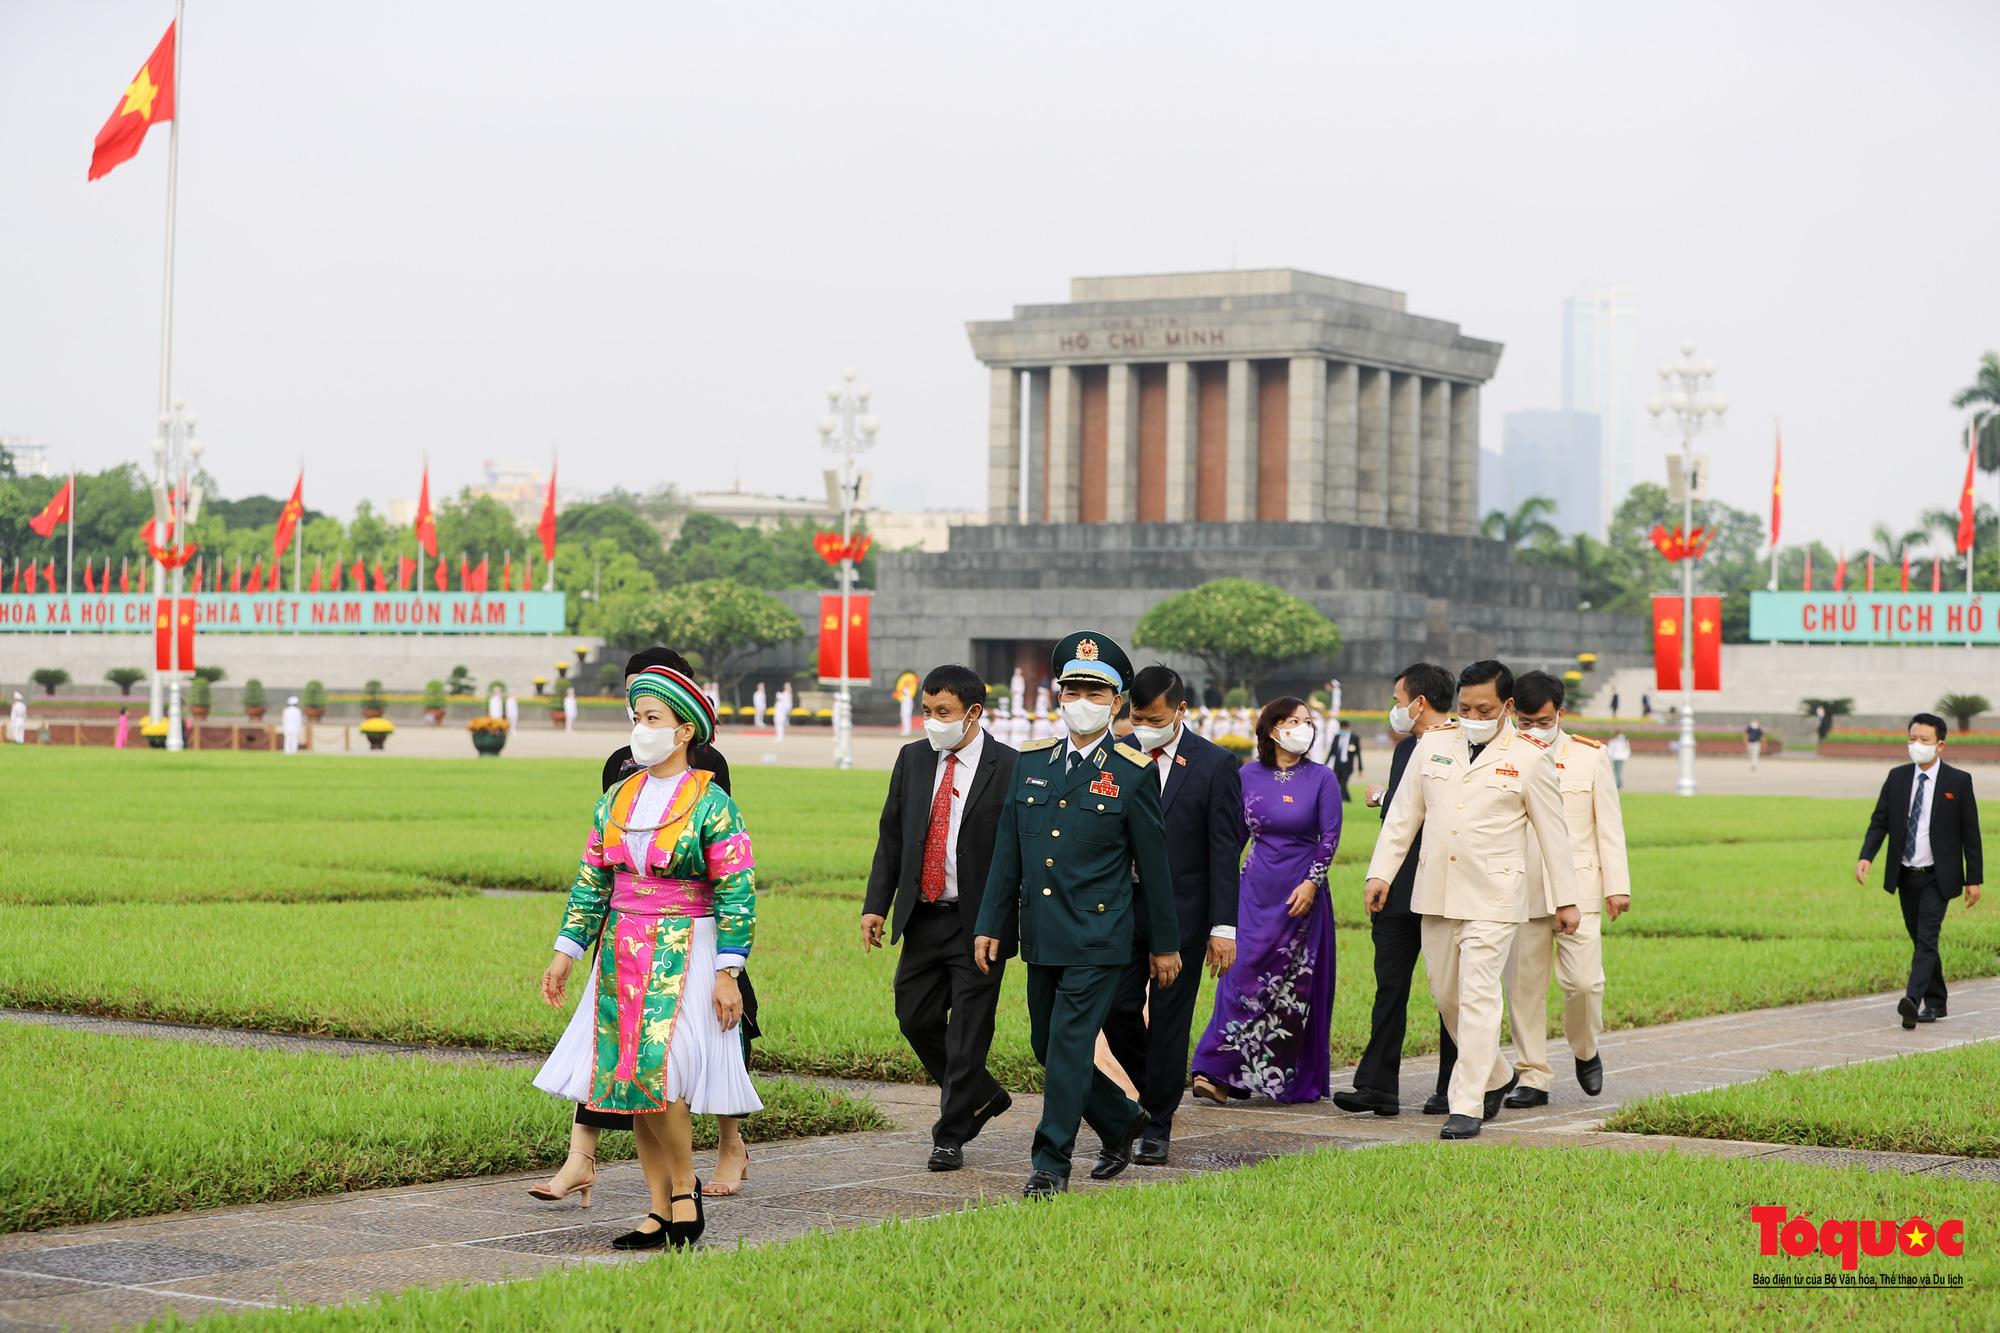 Lãnh đạo Đảng, Nhà nước và các đại biểu Quốc hội khóa XV vào Lăng viếng Chủ tịch Hồ Chí Minh - Ảnh 14.